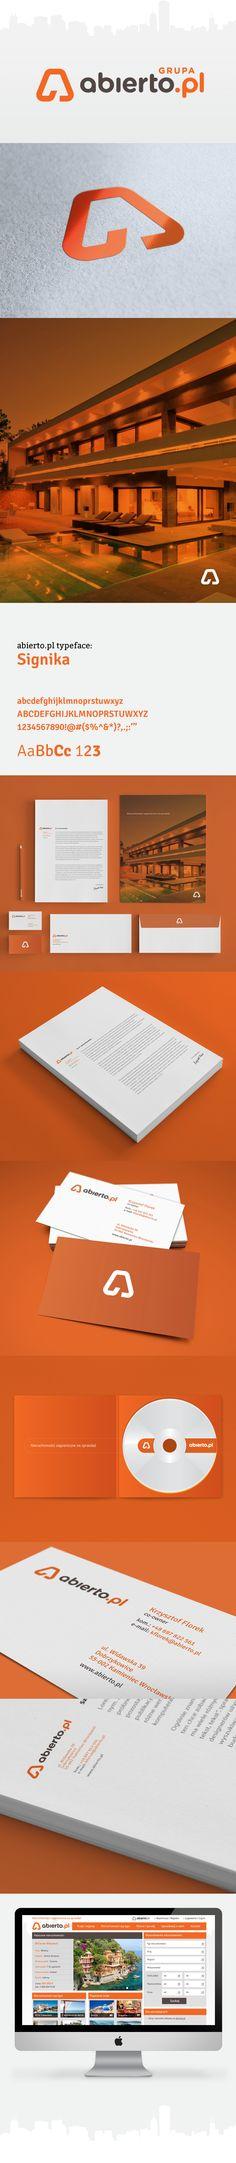 Brand Design Abierto